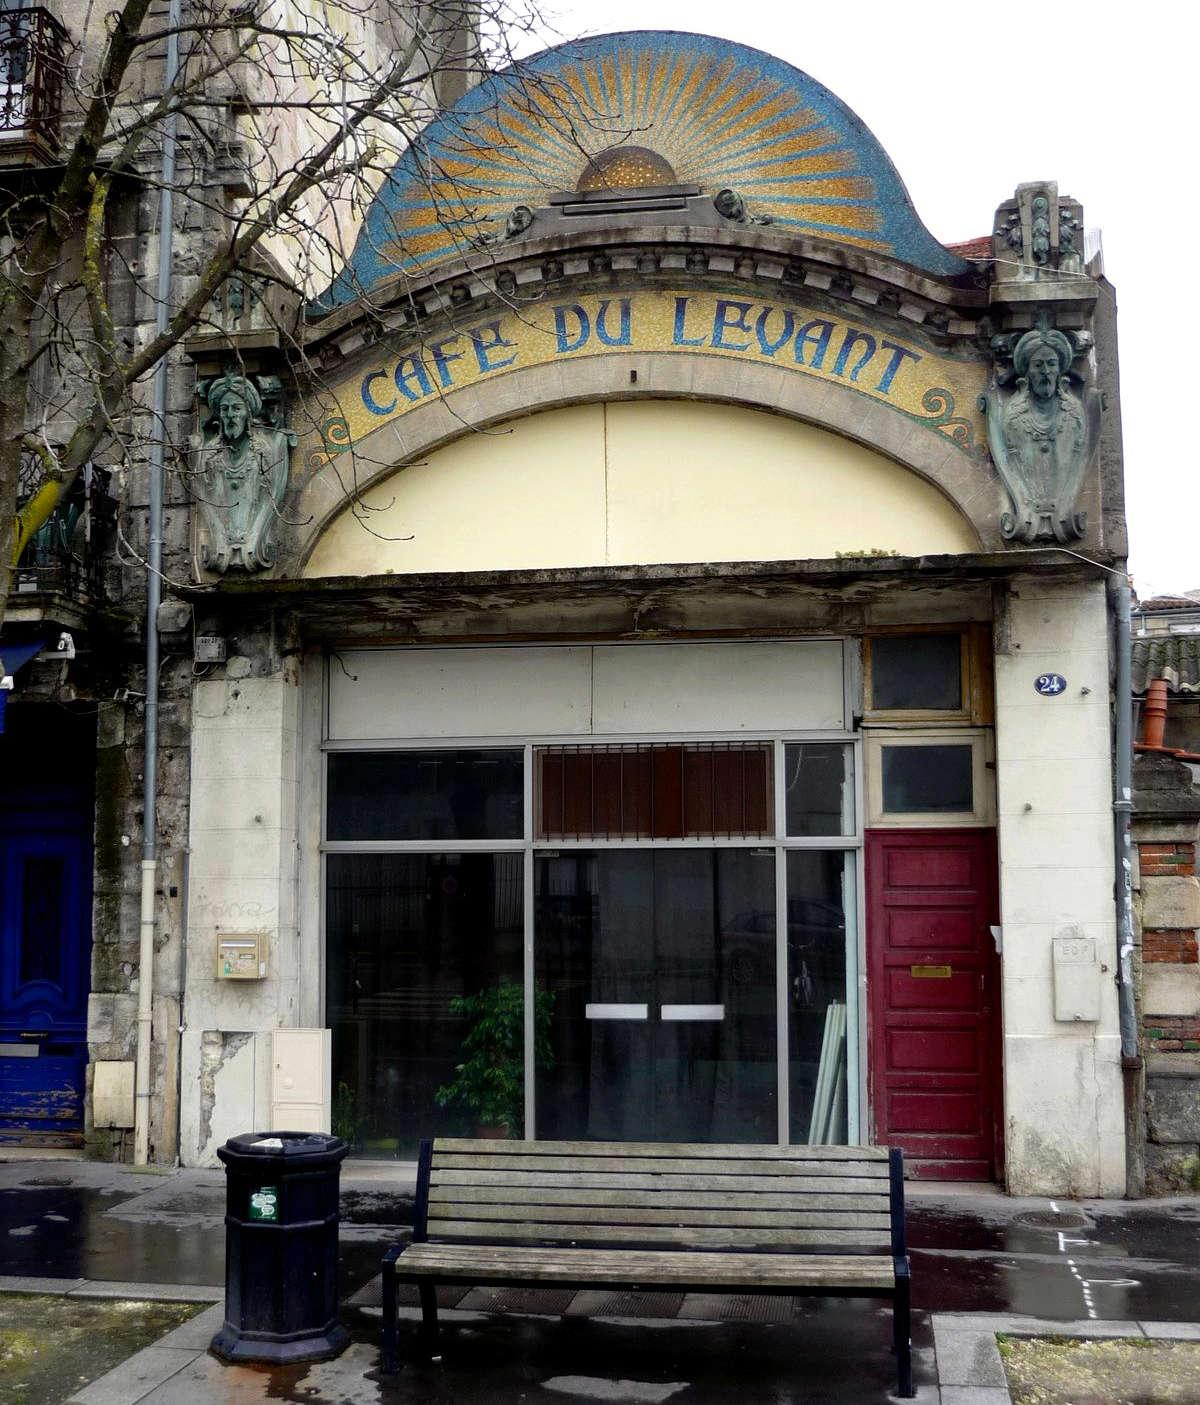 Le Café du Levant - Bordeaux - Gironde - France Bordea10